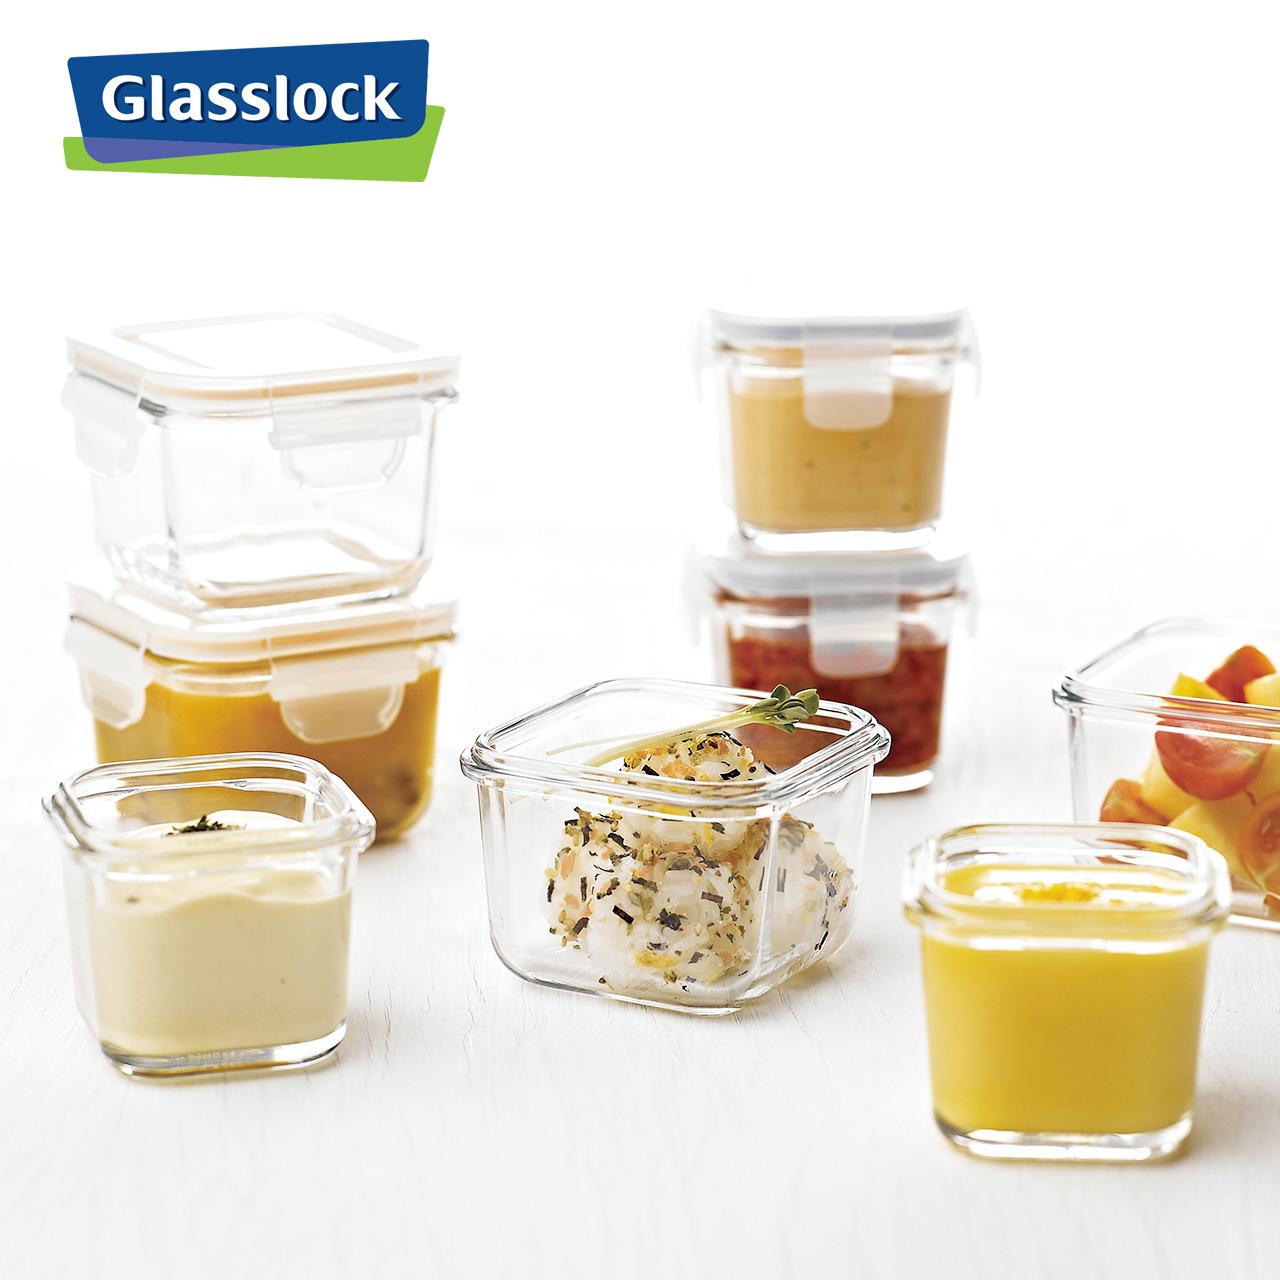 Glasslock婴儿辅食盒玻璃保鲜盒冷冻存储宝宝辅食碗儿童套装7件套